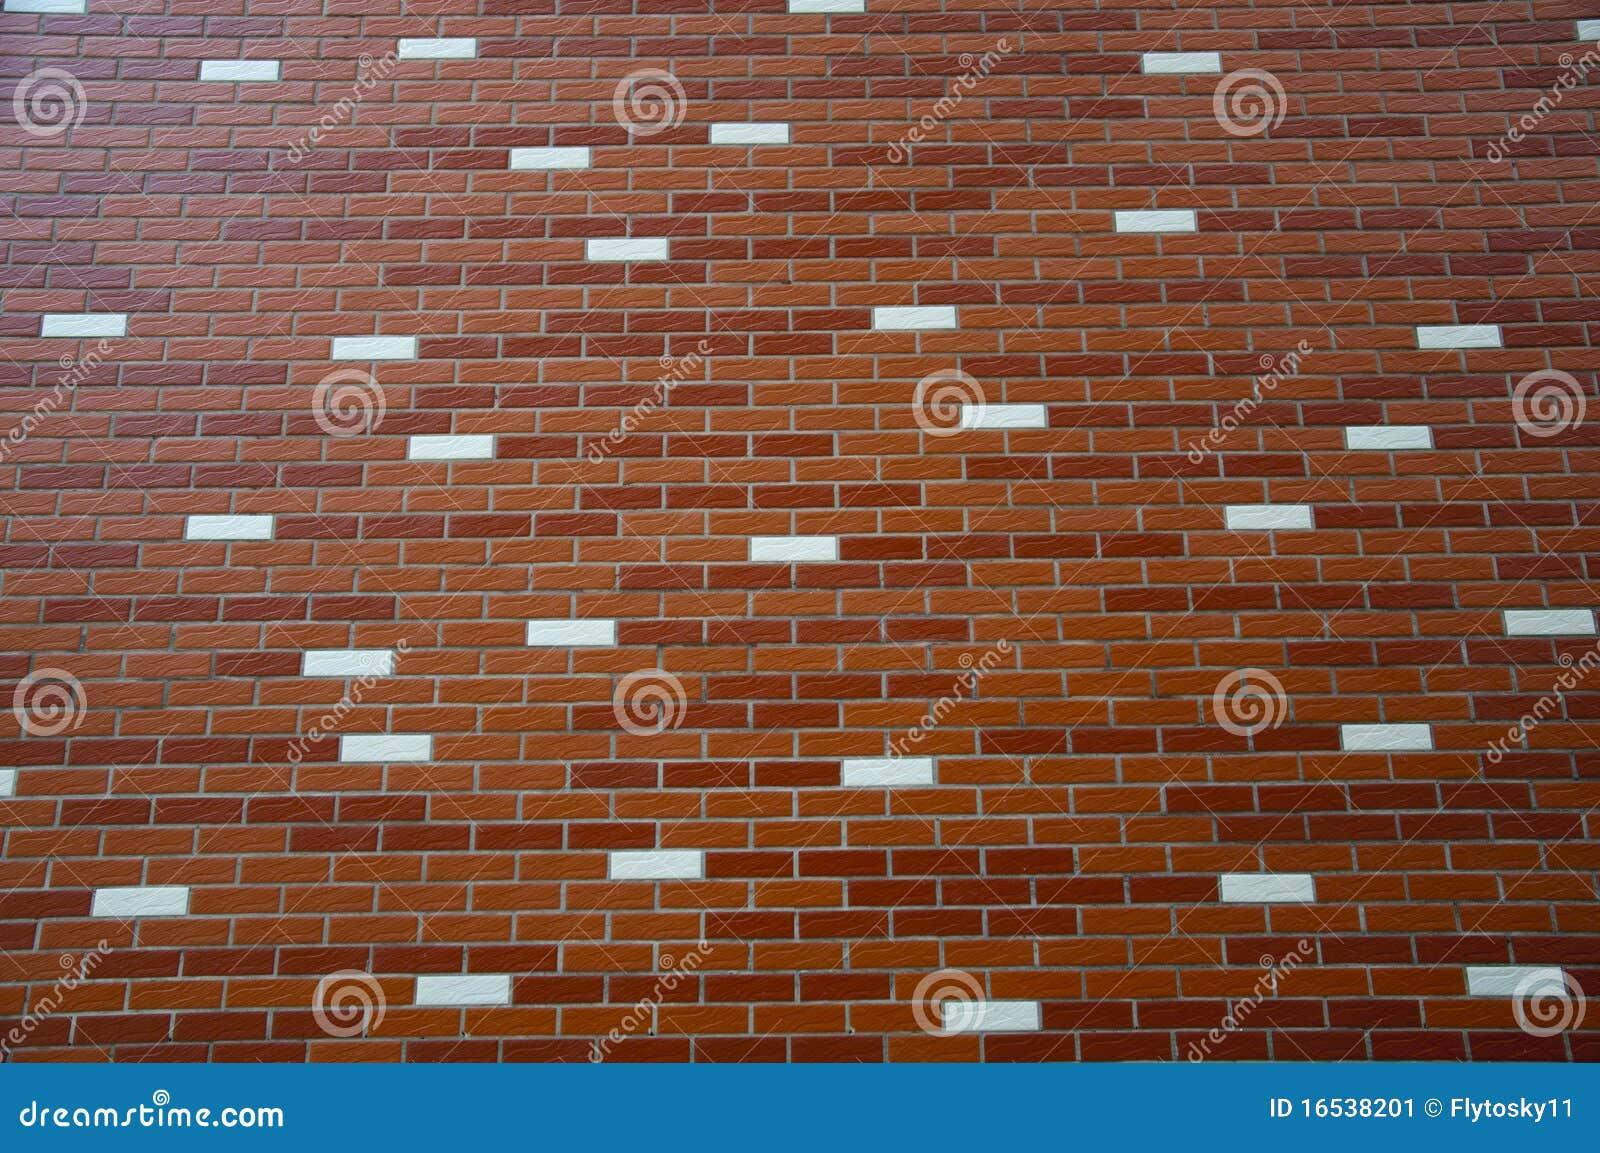 Mur de briques d coratif image stock image 16538201 for Mur de brique decorative